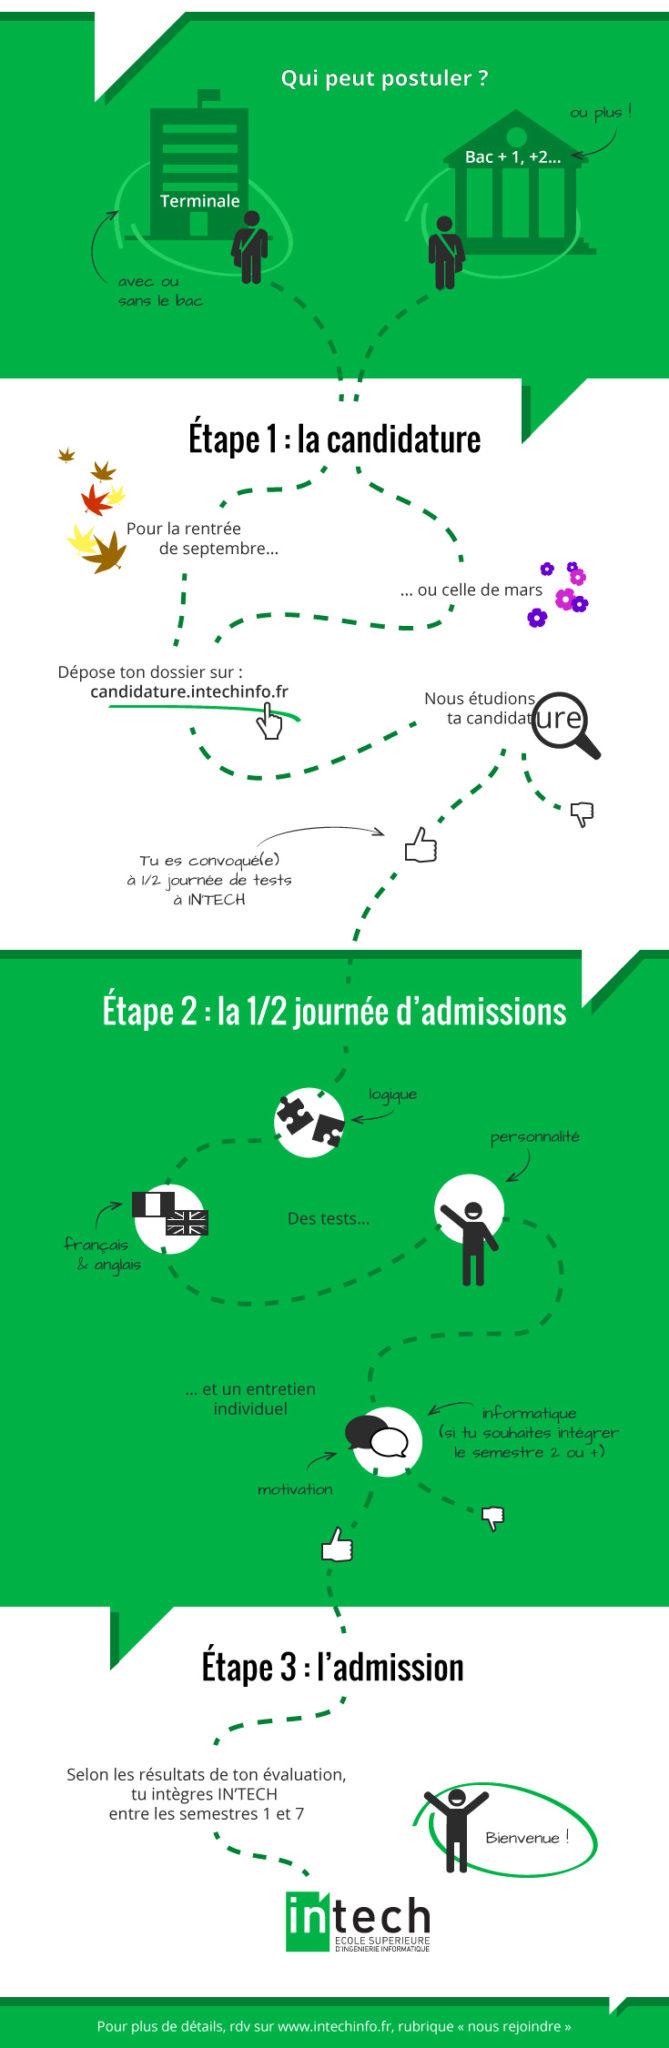 les-3-etapes-pour-rejoindre-IN-TECH